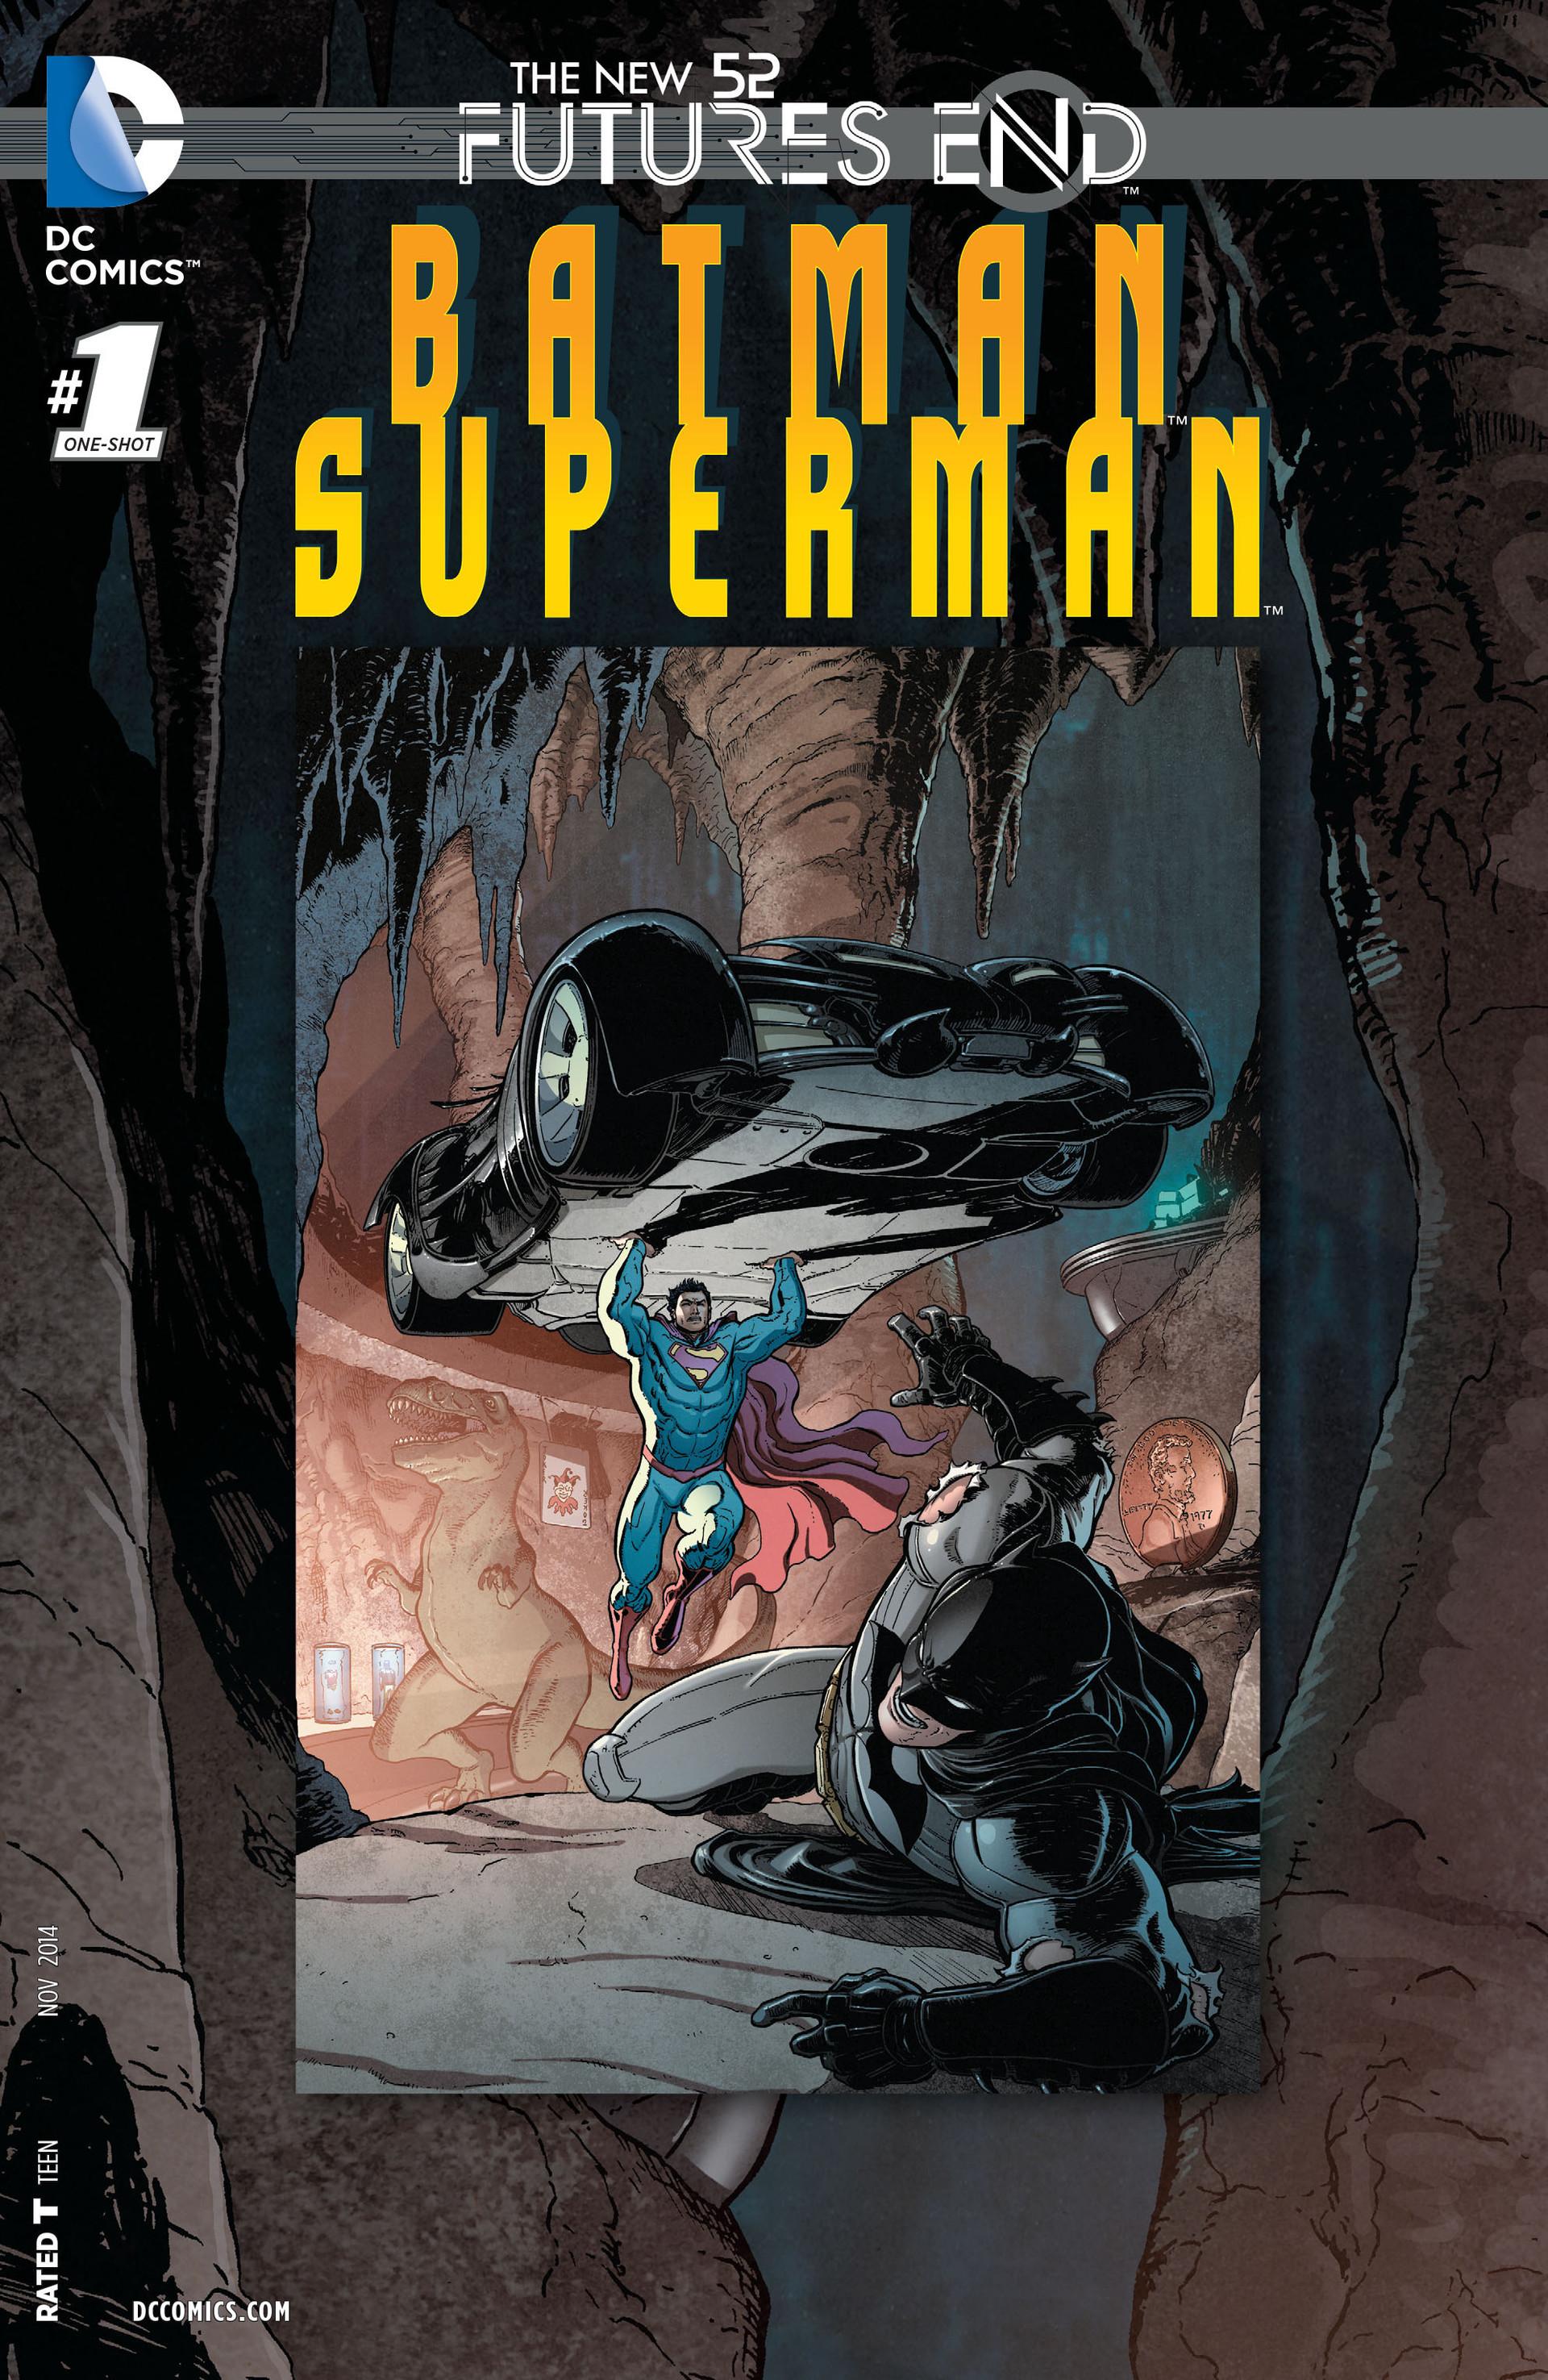 batman superman futures end 1 3d cover